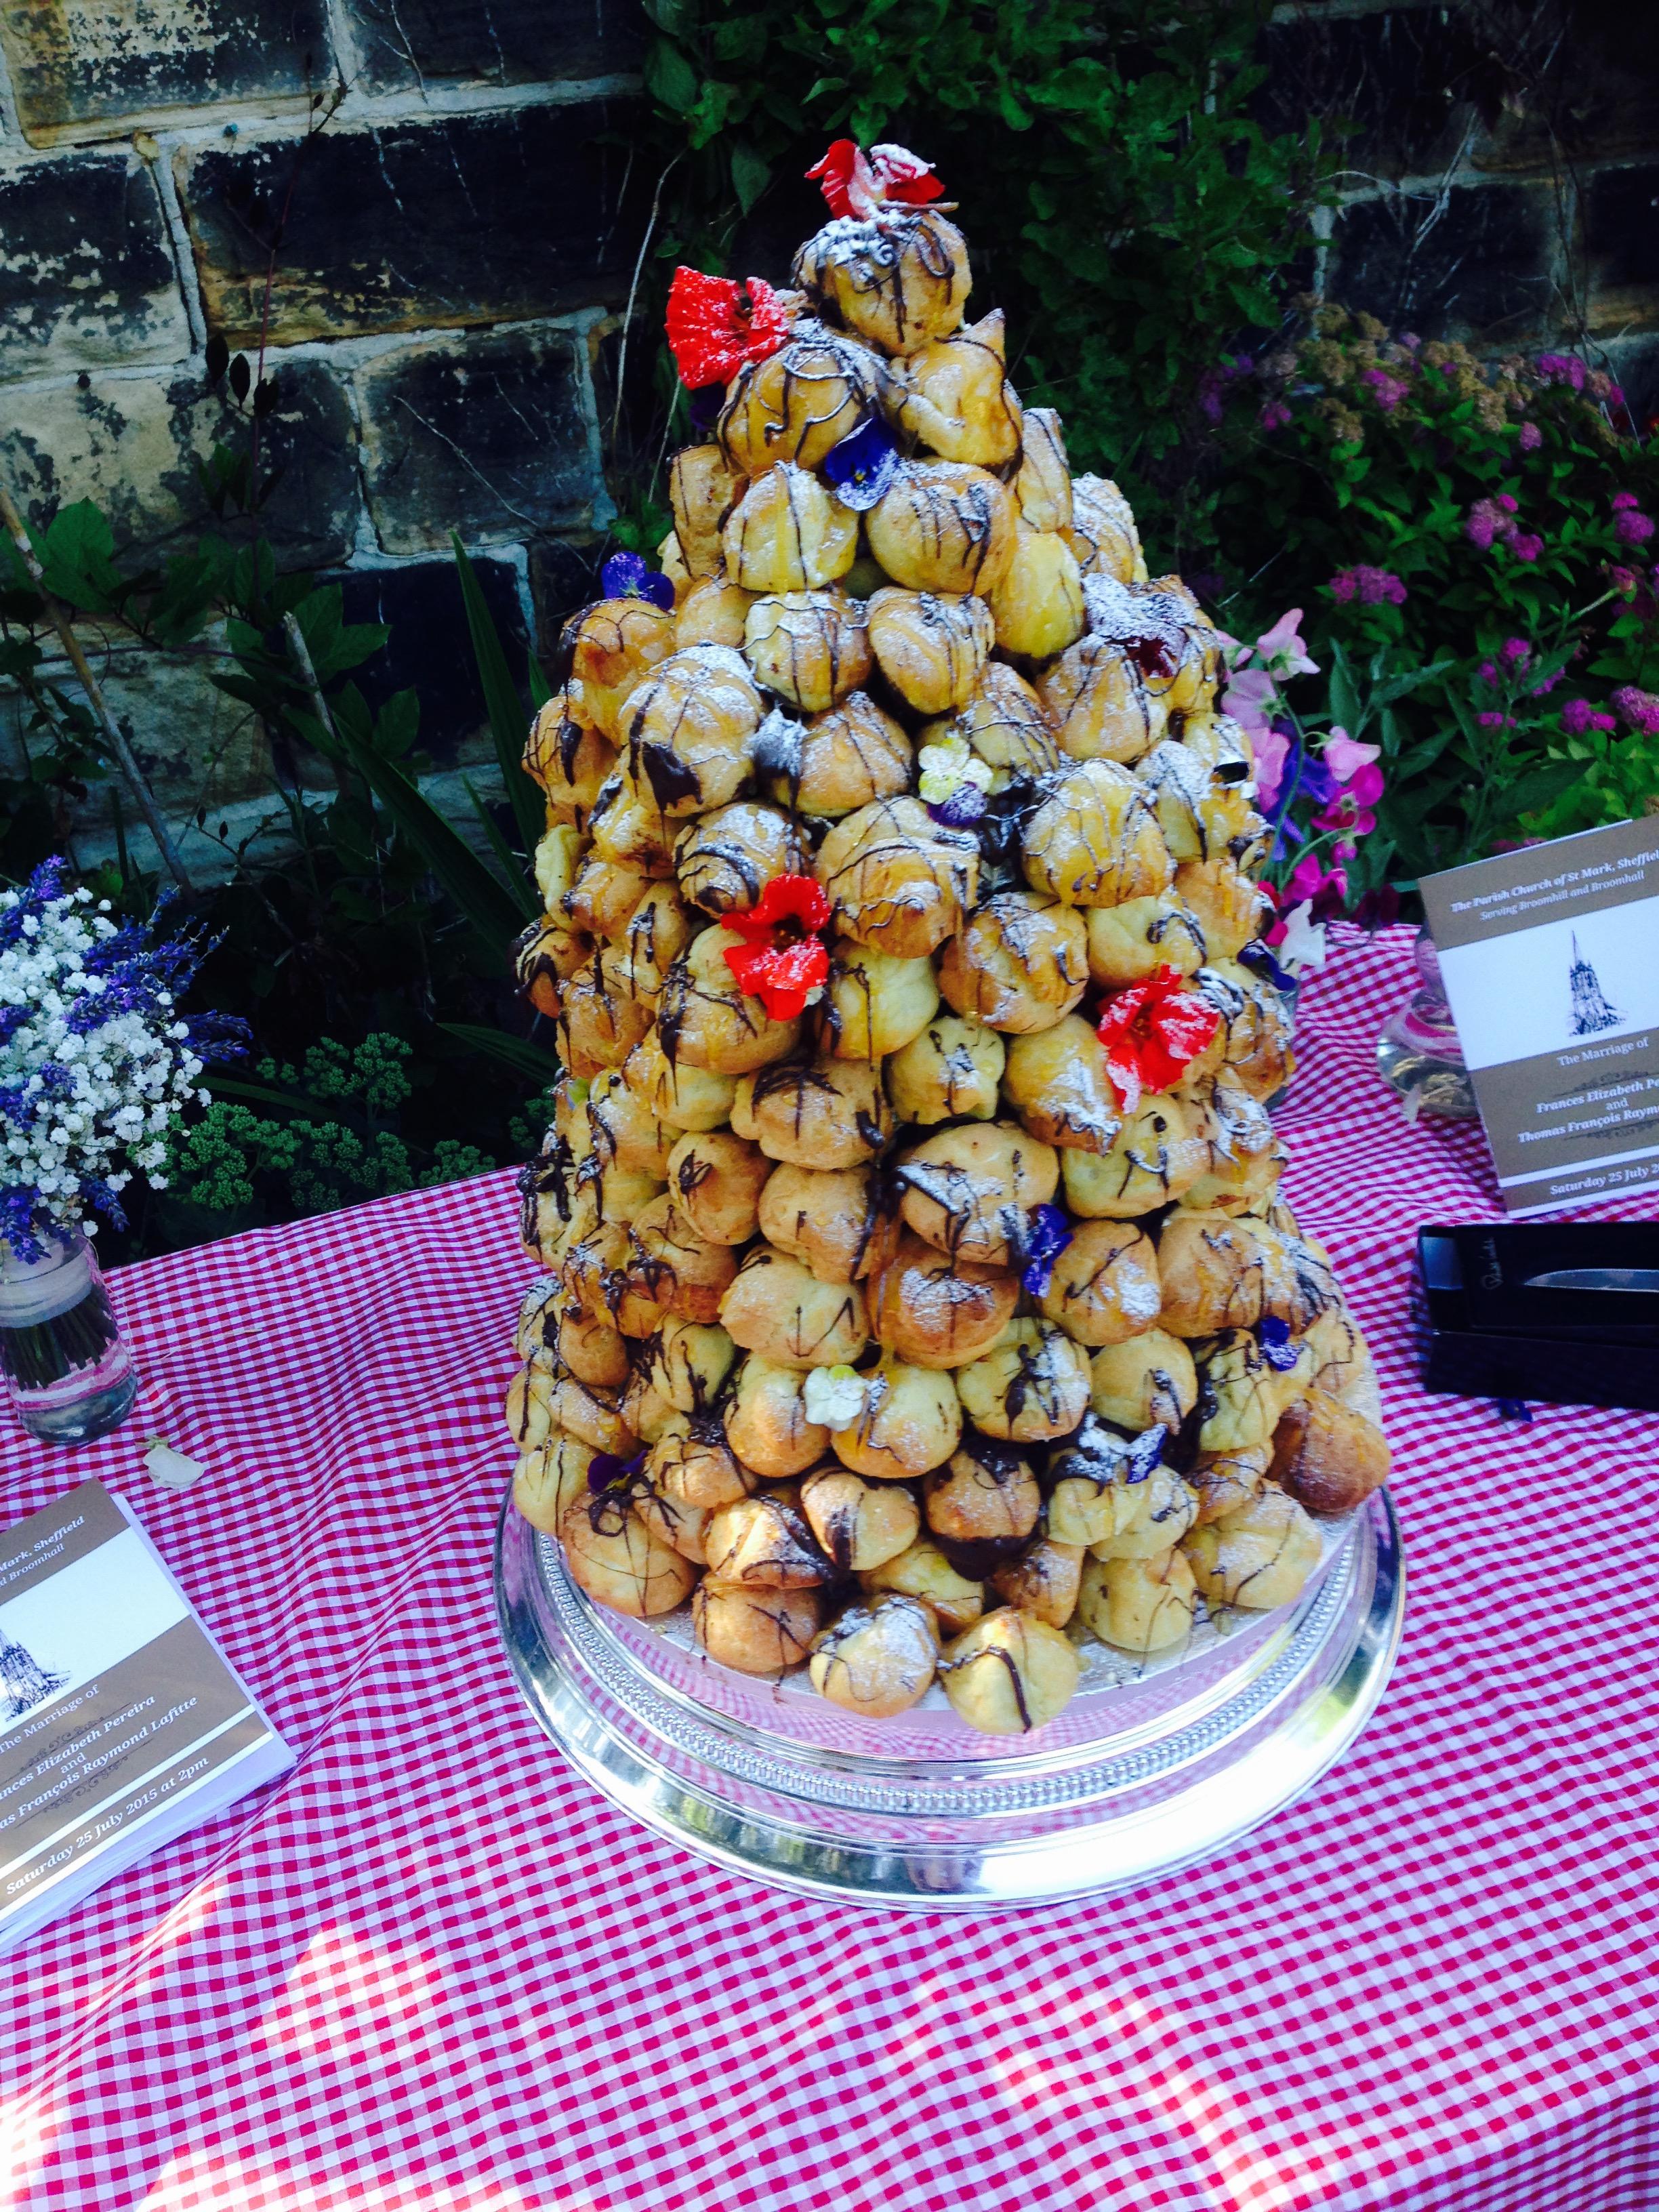 Croquembouche tower by PJ taste